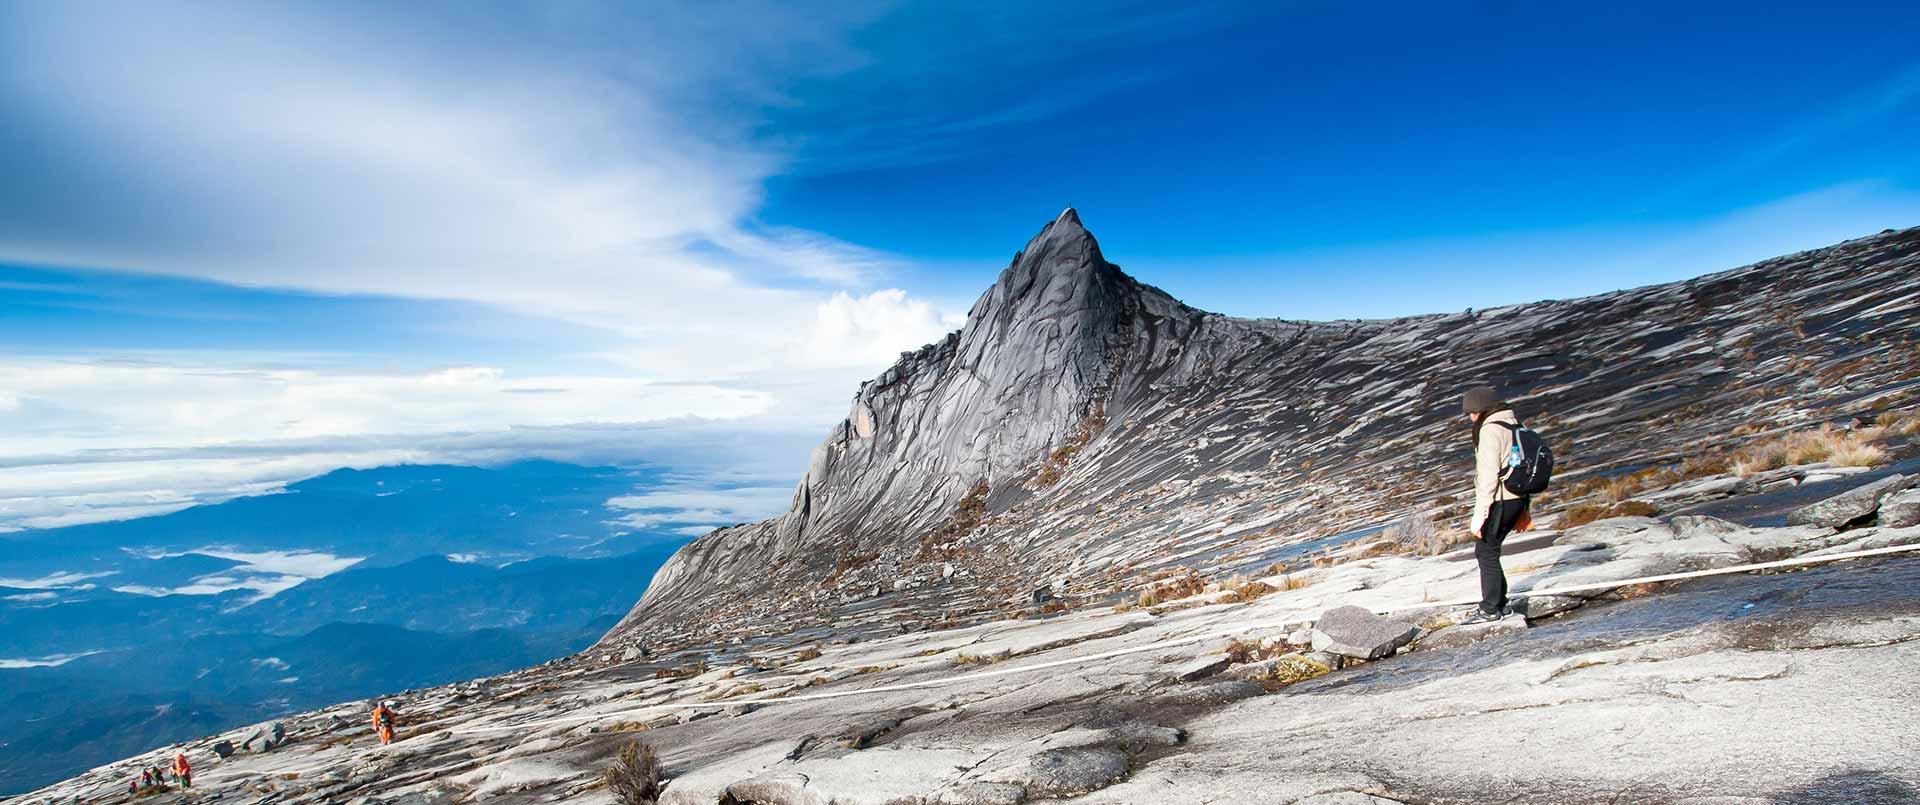 Intrepid Borneo